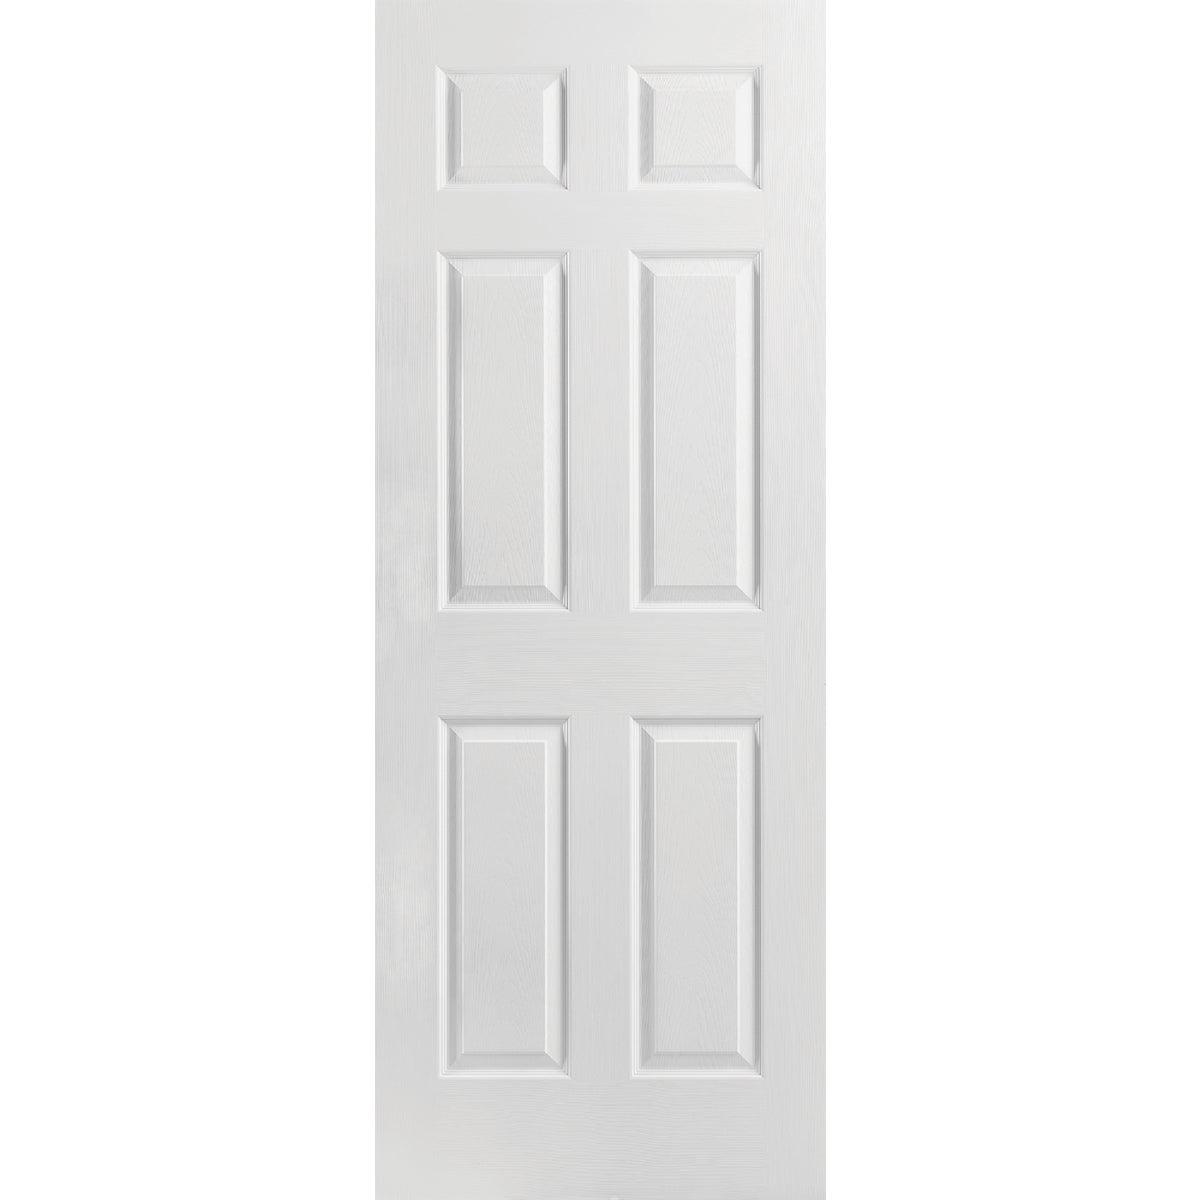 2/4 1-3/8 6PN TX HC DOOR